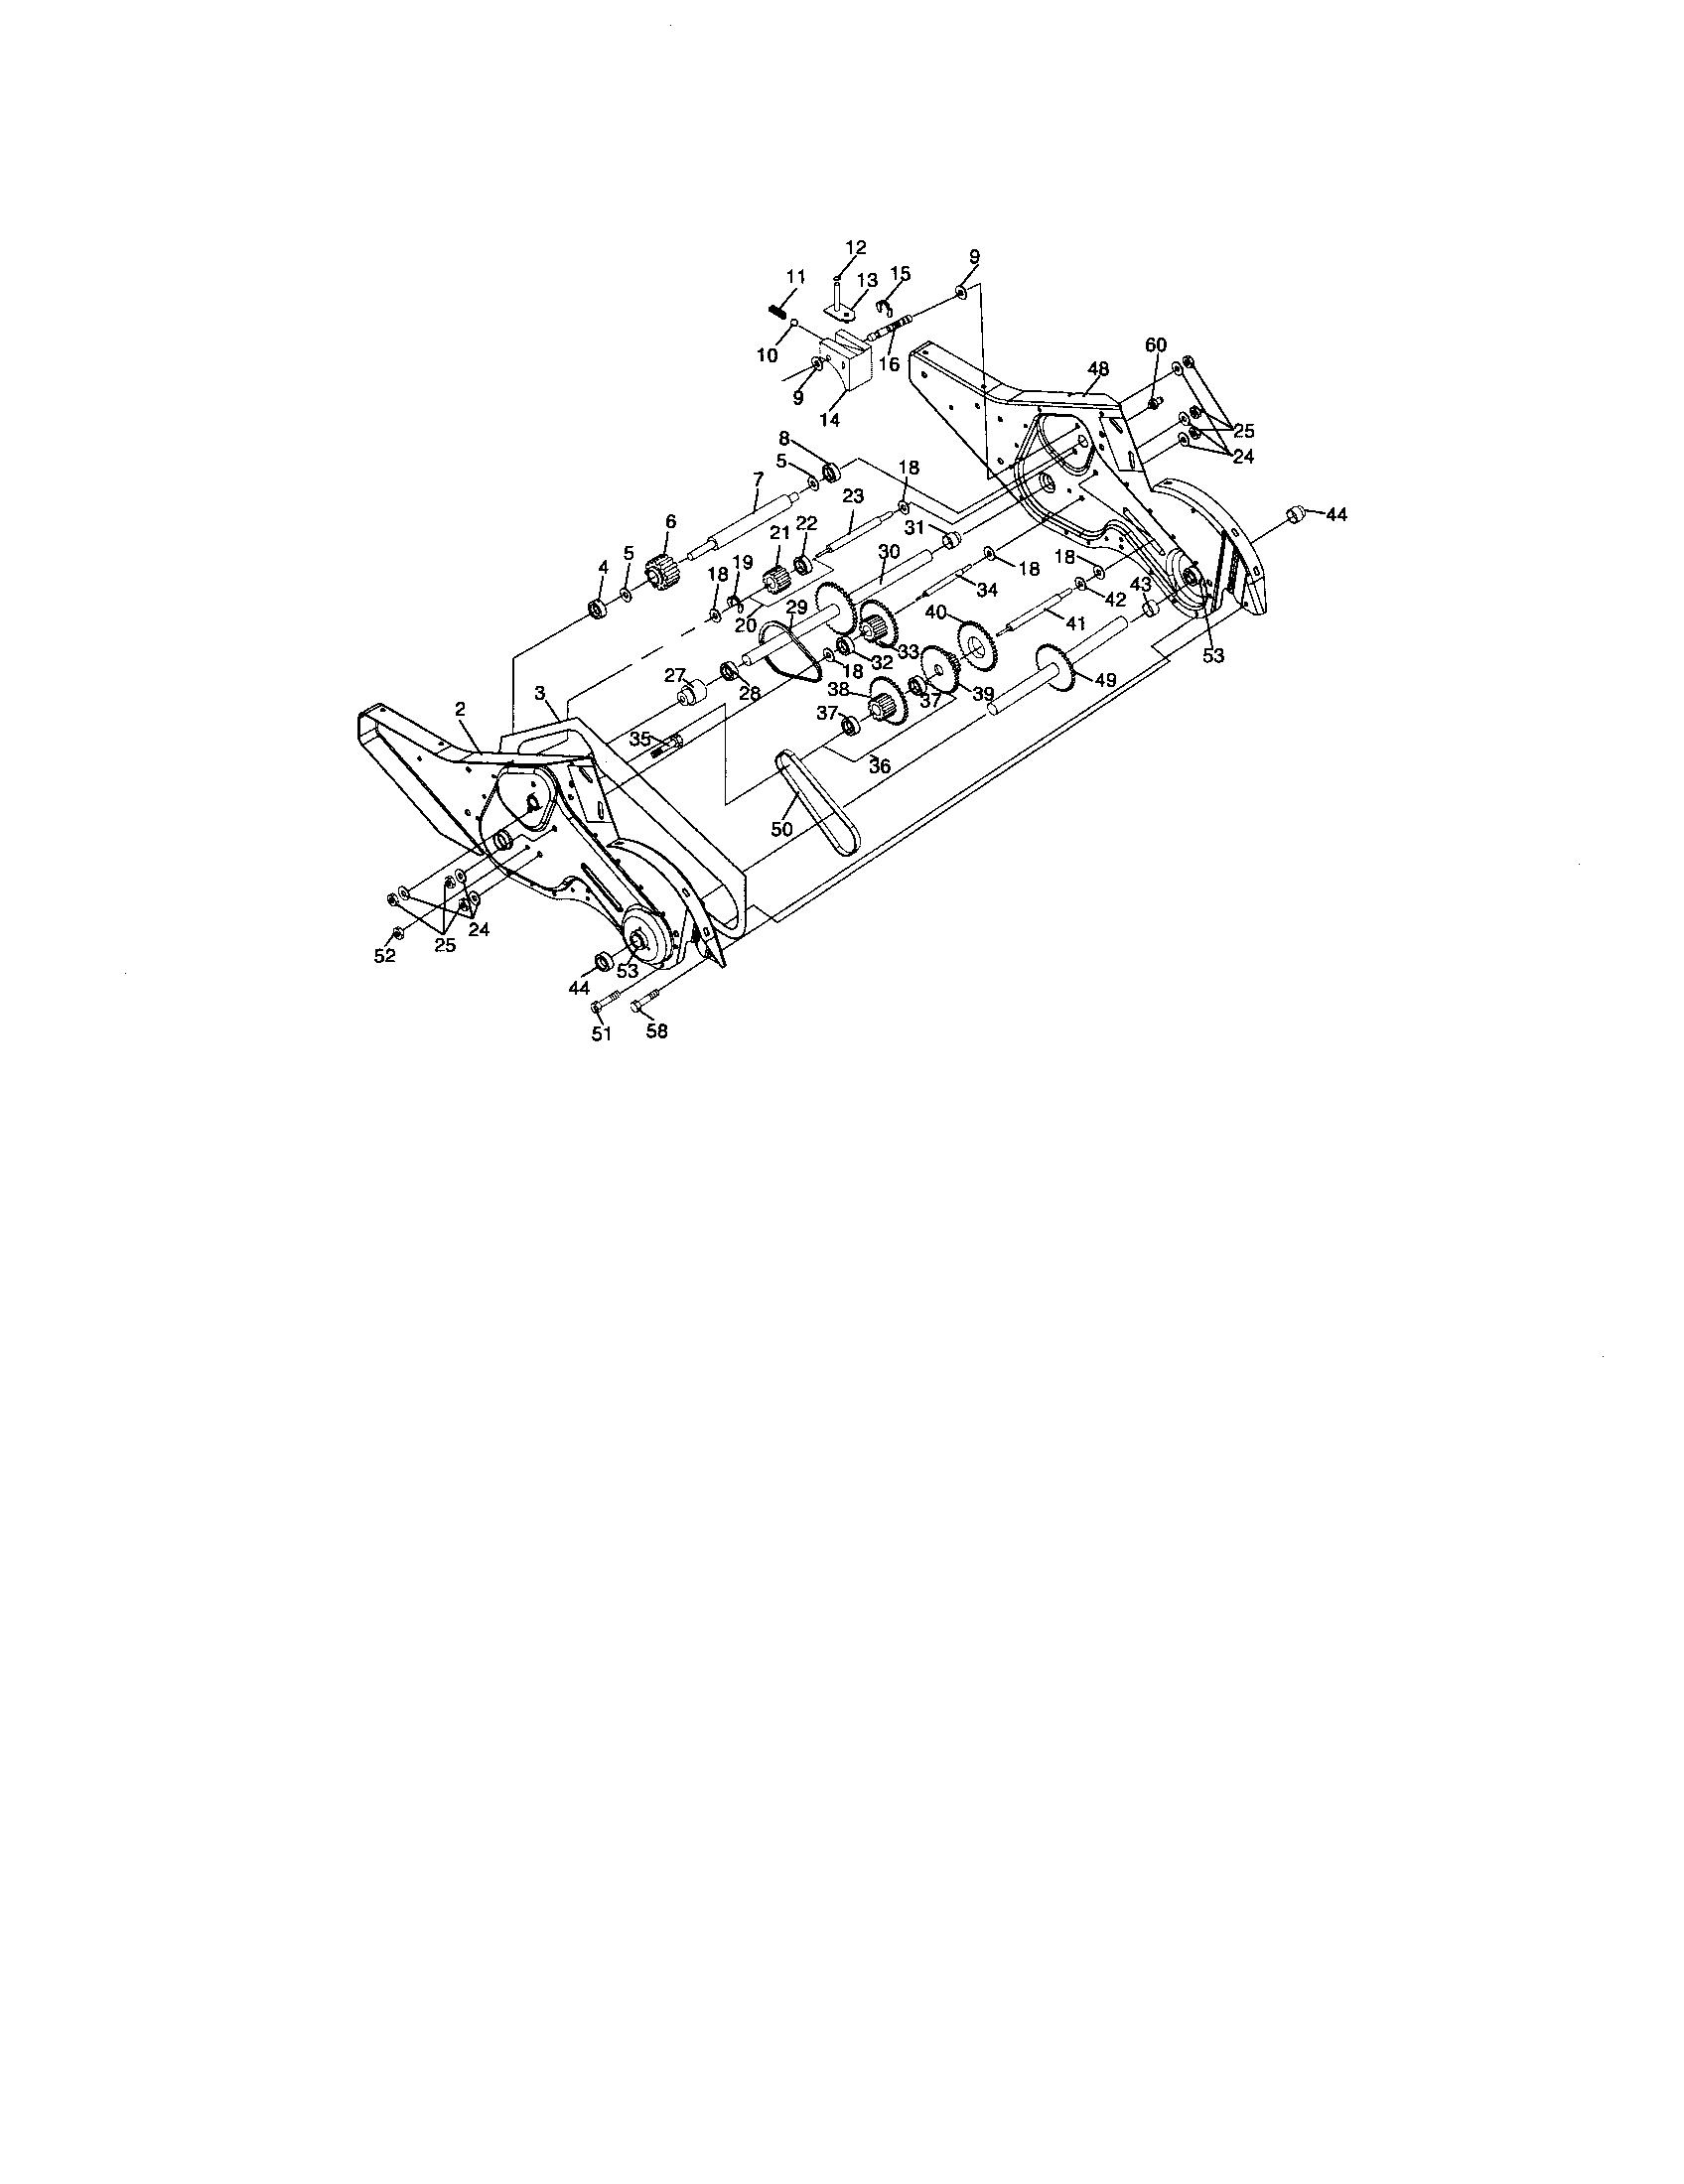 Craftsman model 917296020 rear tine, gas tiller genuine parts